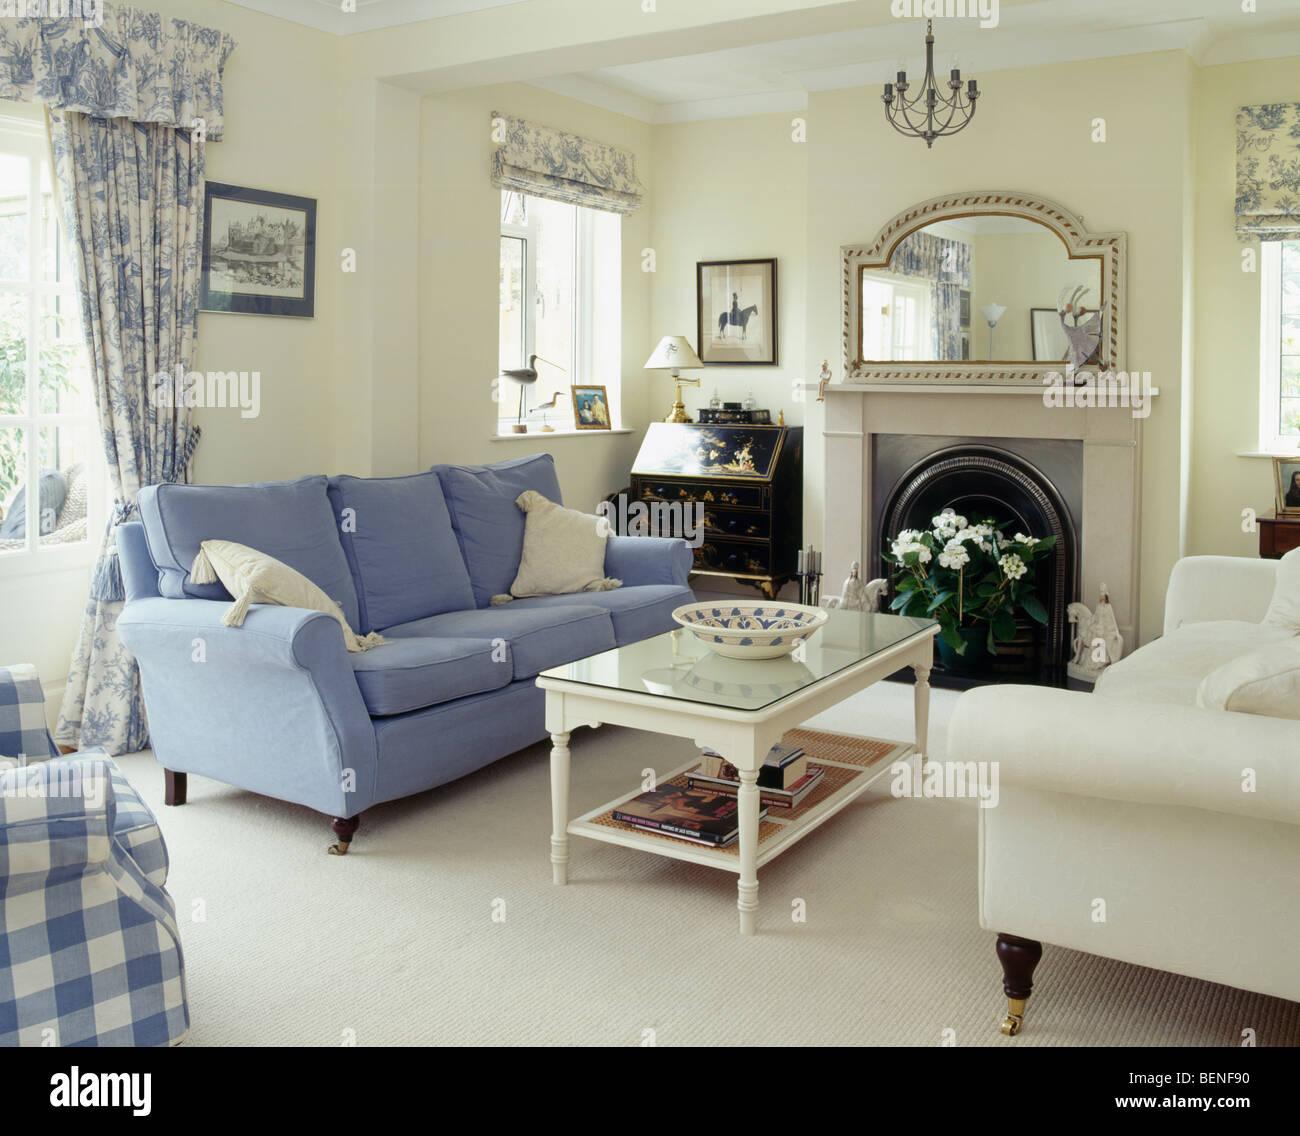 Blauen Und Cremefarbenen Sofas Auf Beiden Seiten Des Kamins In Creme